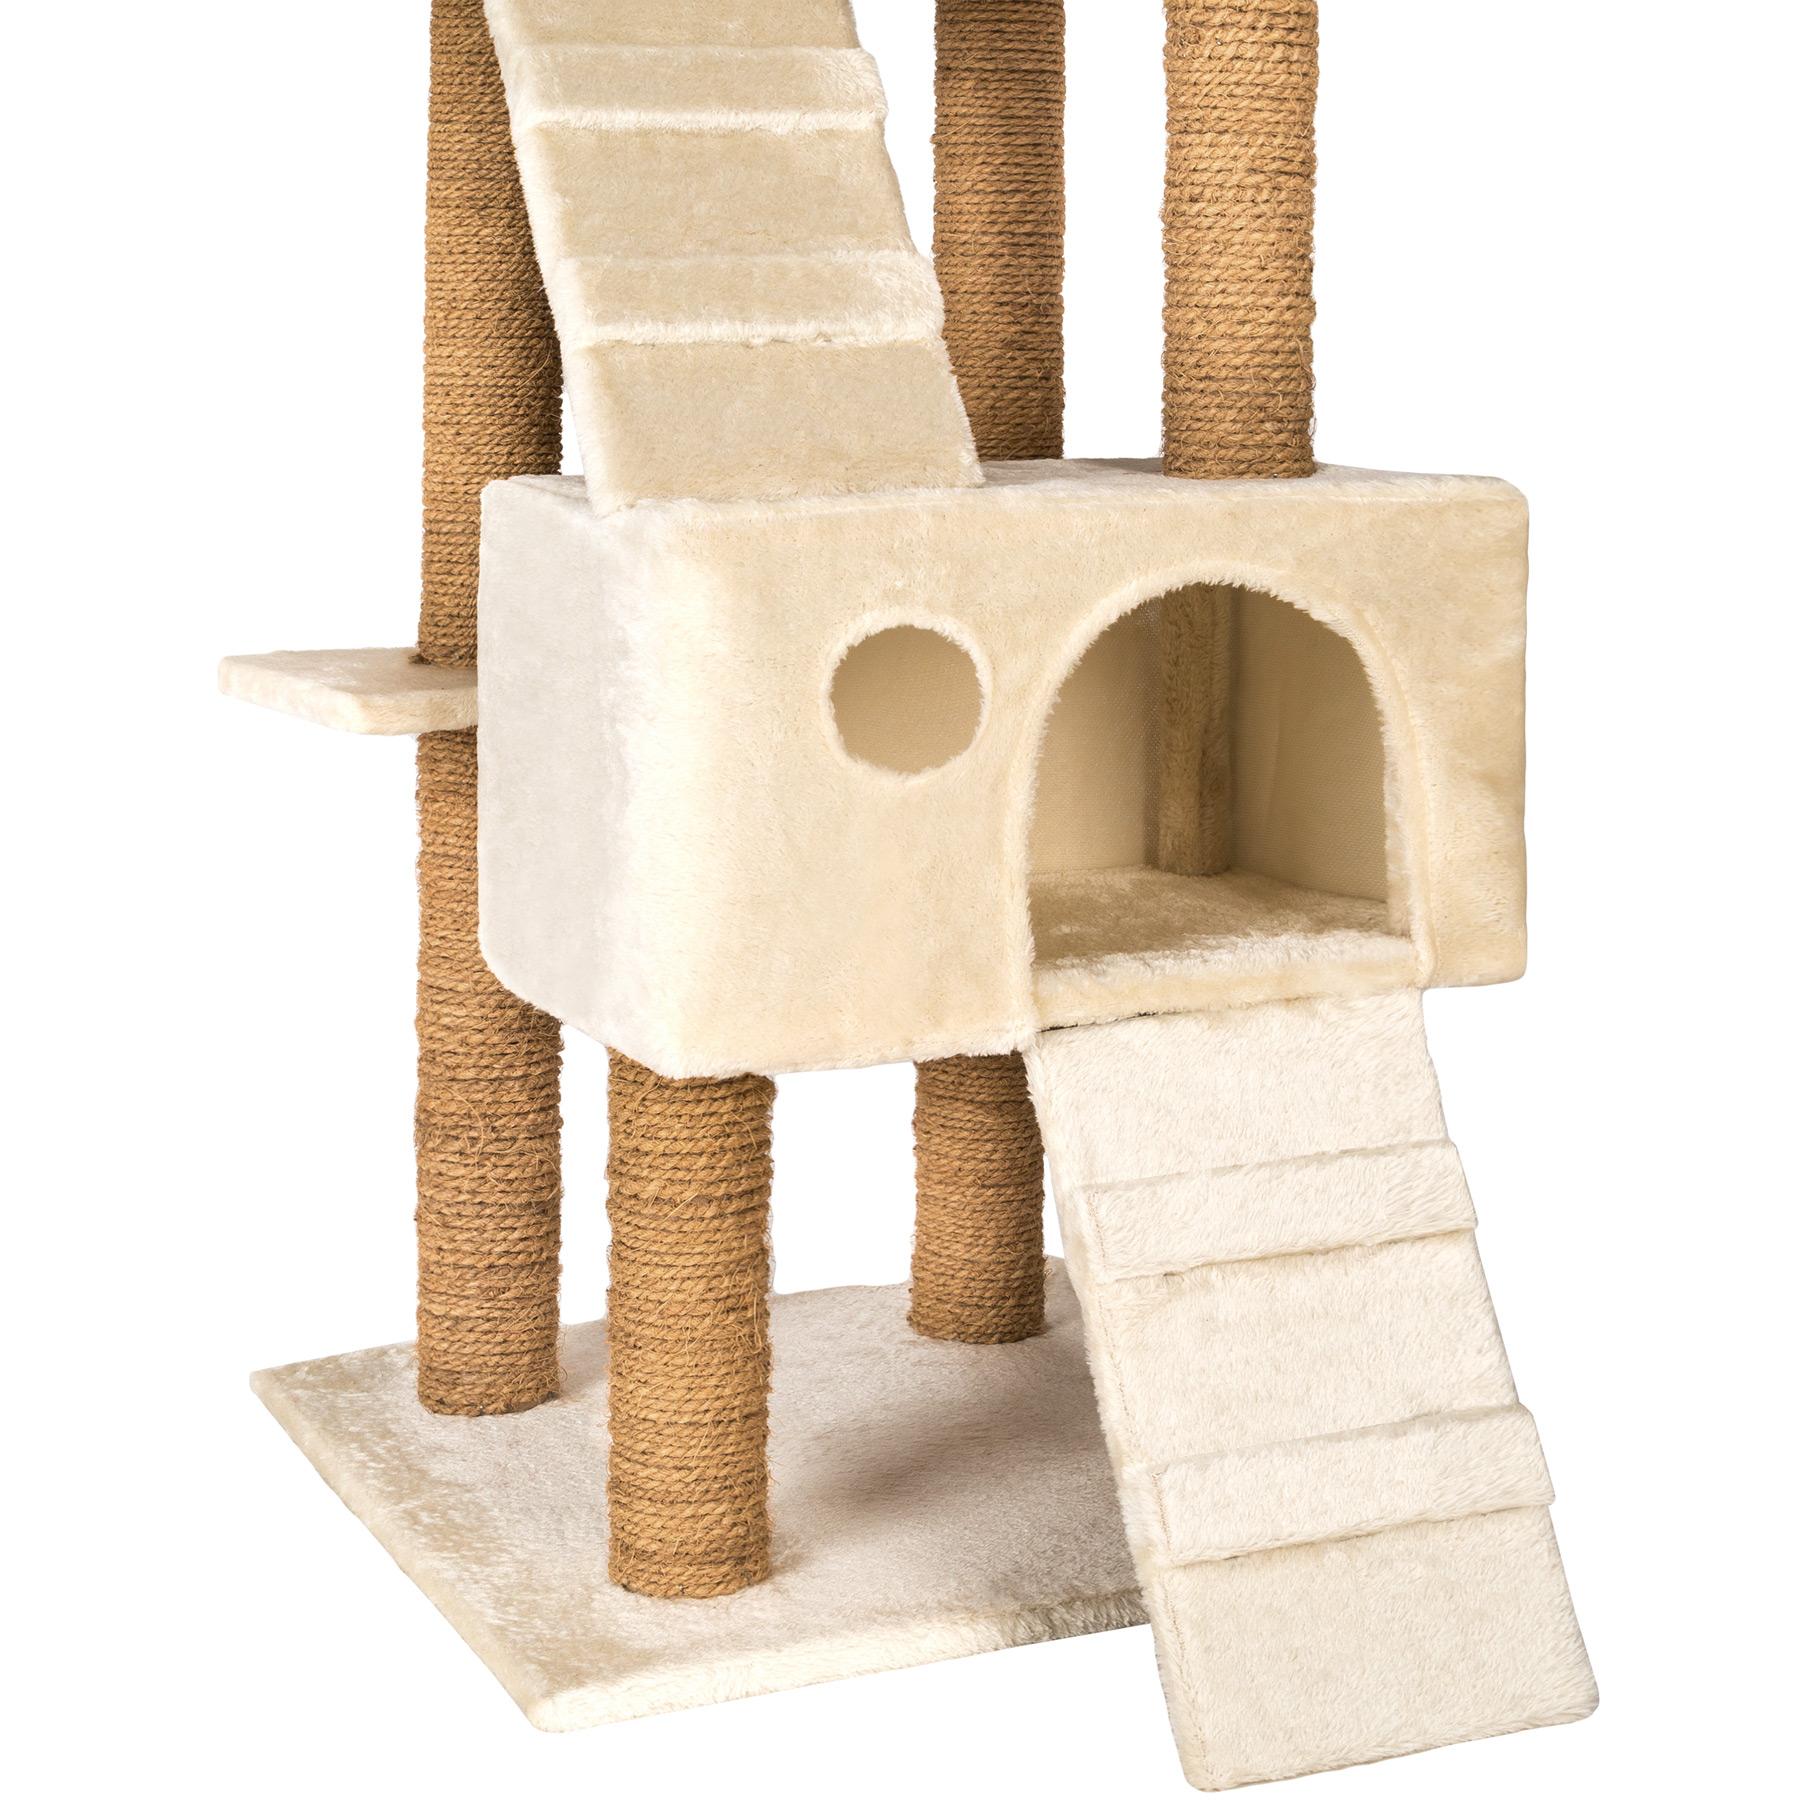 arbre chat griffoir grattoir jouet geant 2 grottes 169cm. Black Bedroom Furniture Sets. Home Design Ideas